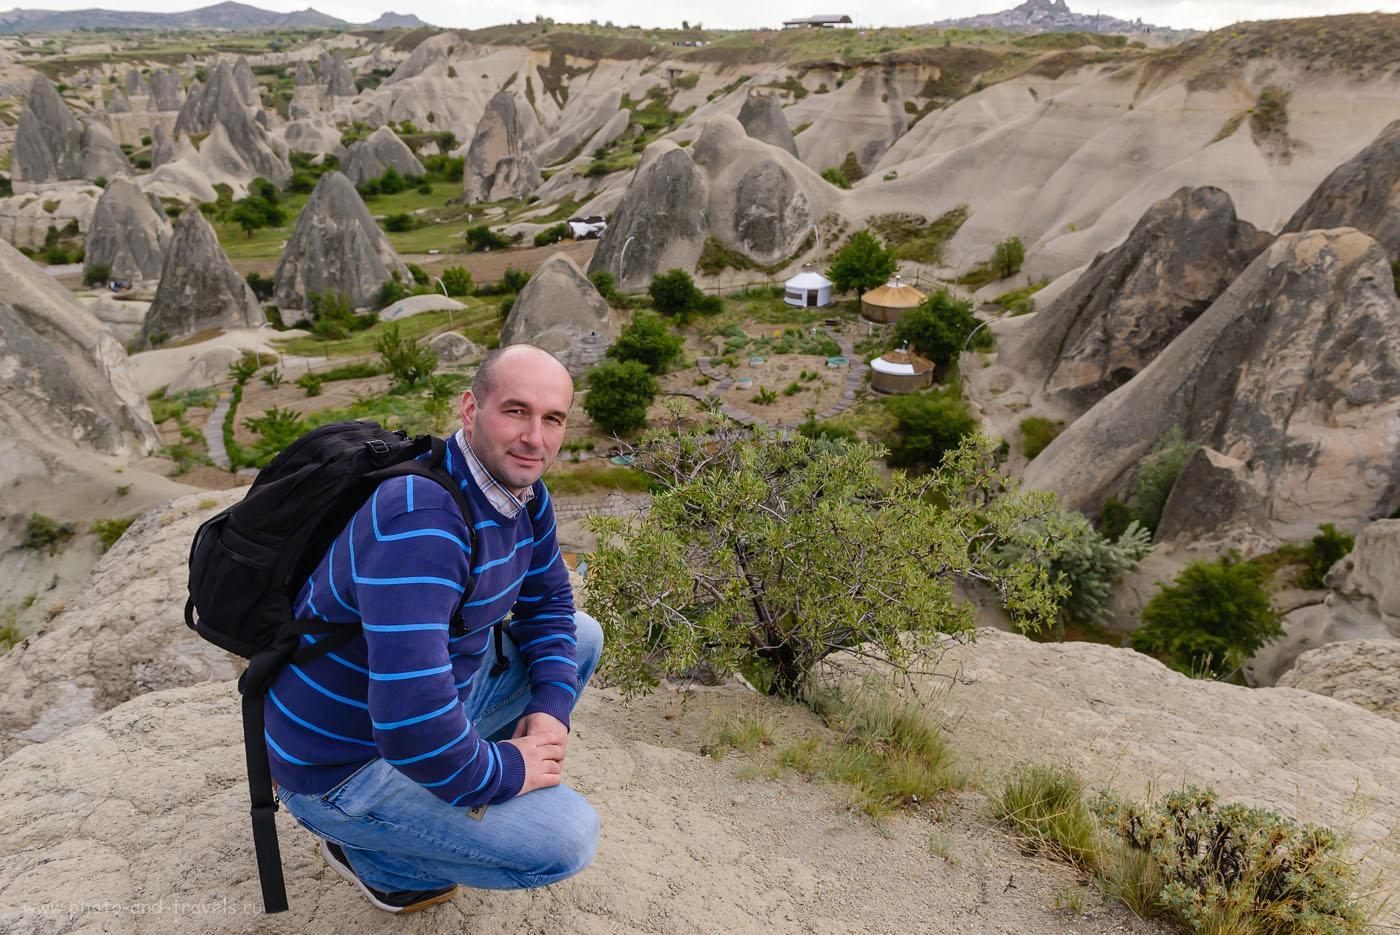 Фото 13. Каппадокия. Так выглядит турист-фотограф с тяжелым фоторюкзаком Ainogirl A2163 за плечами. Отчеты туристов о самостоятельной поездке в Турцию. 1/200, -1.0, 6.3, 500, 24.